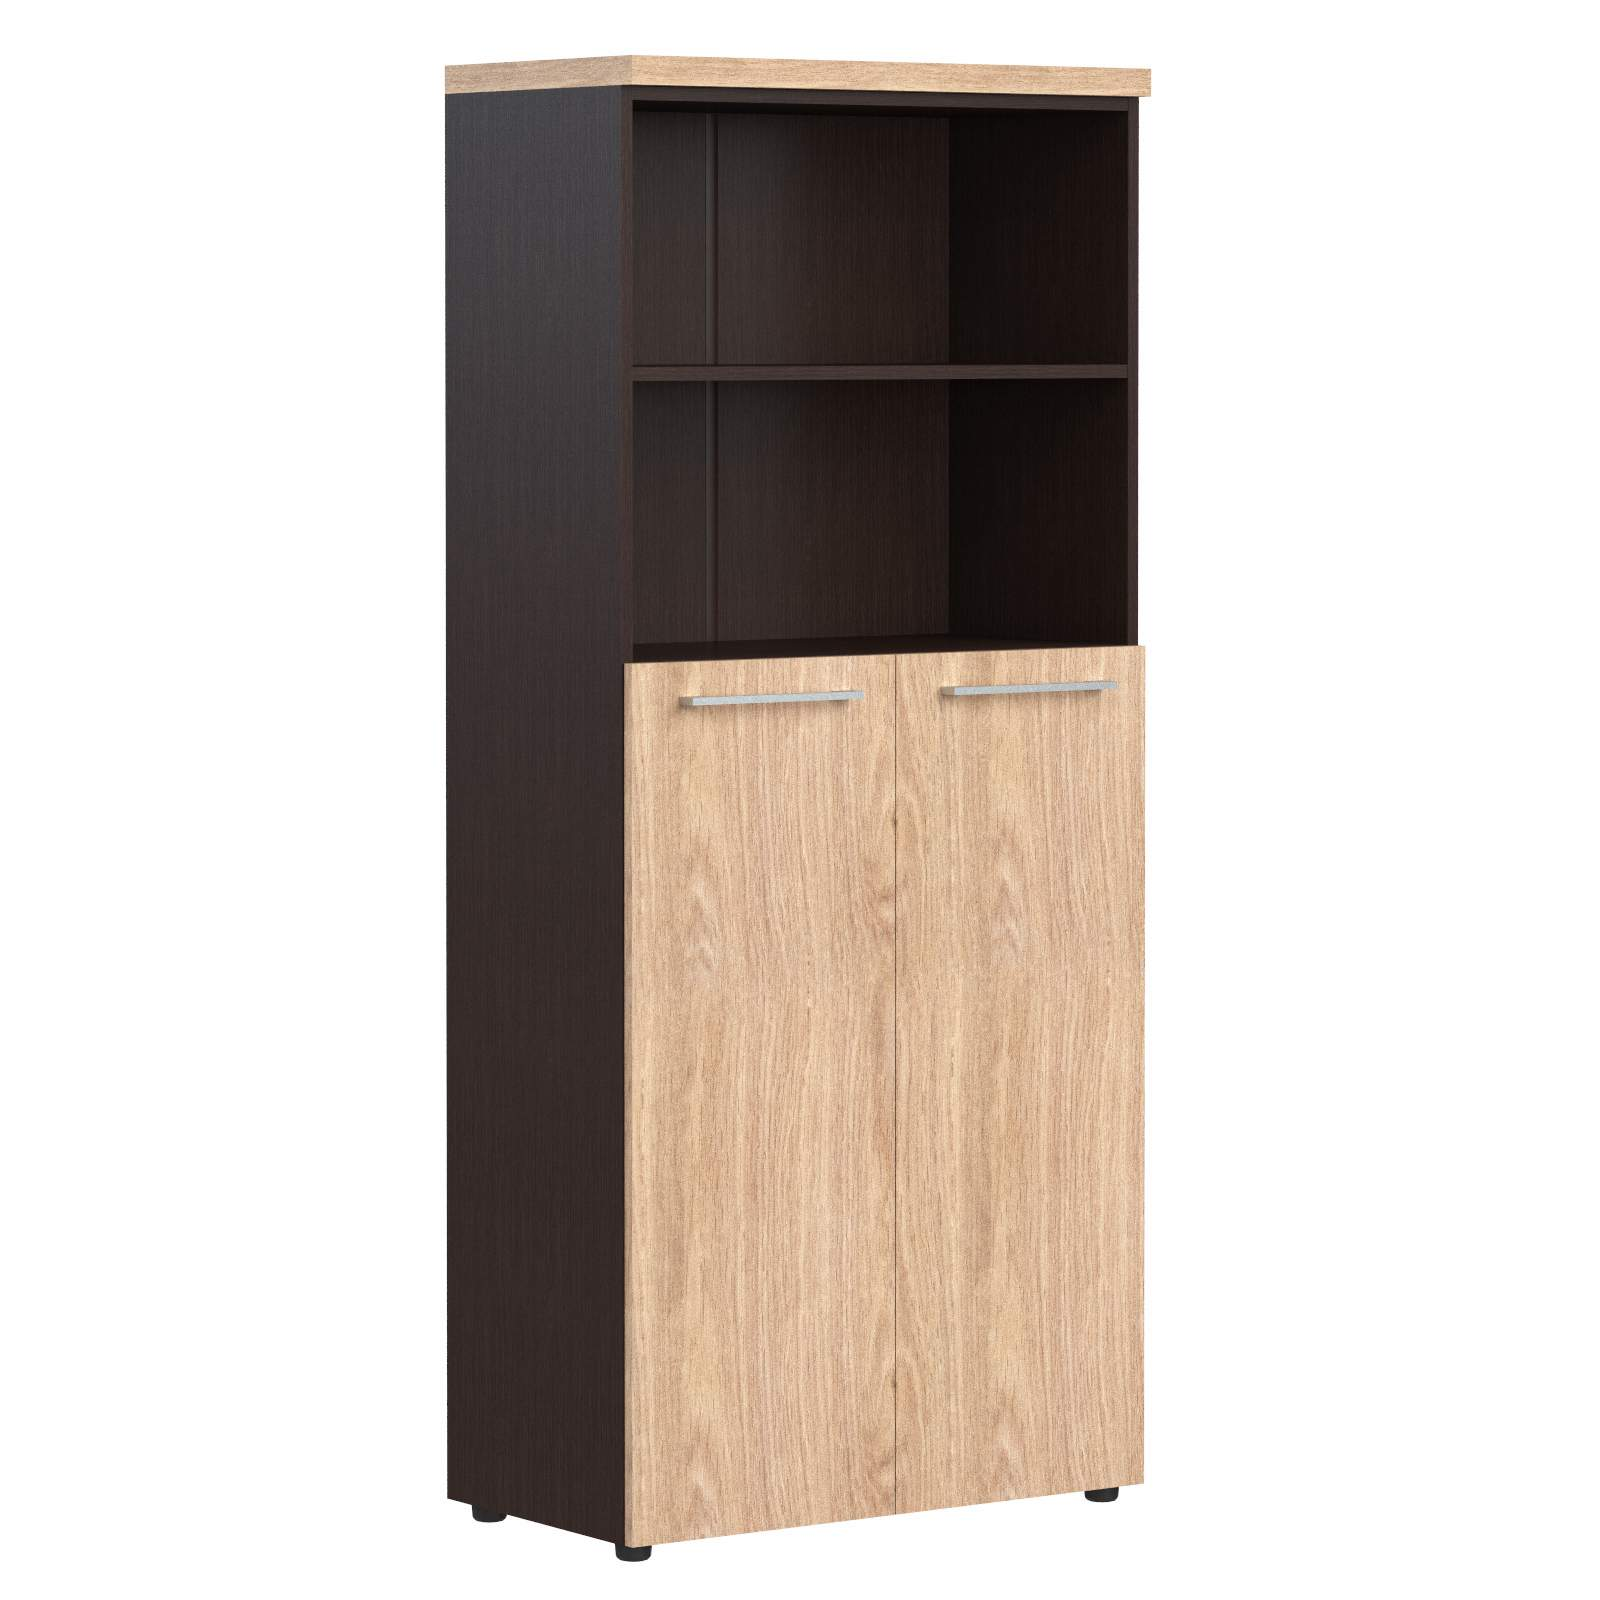 Шкаф полуоткрытый с 2мя дверями 850x430x1930